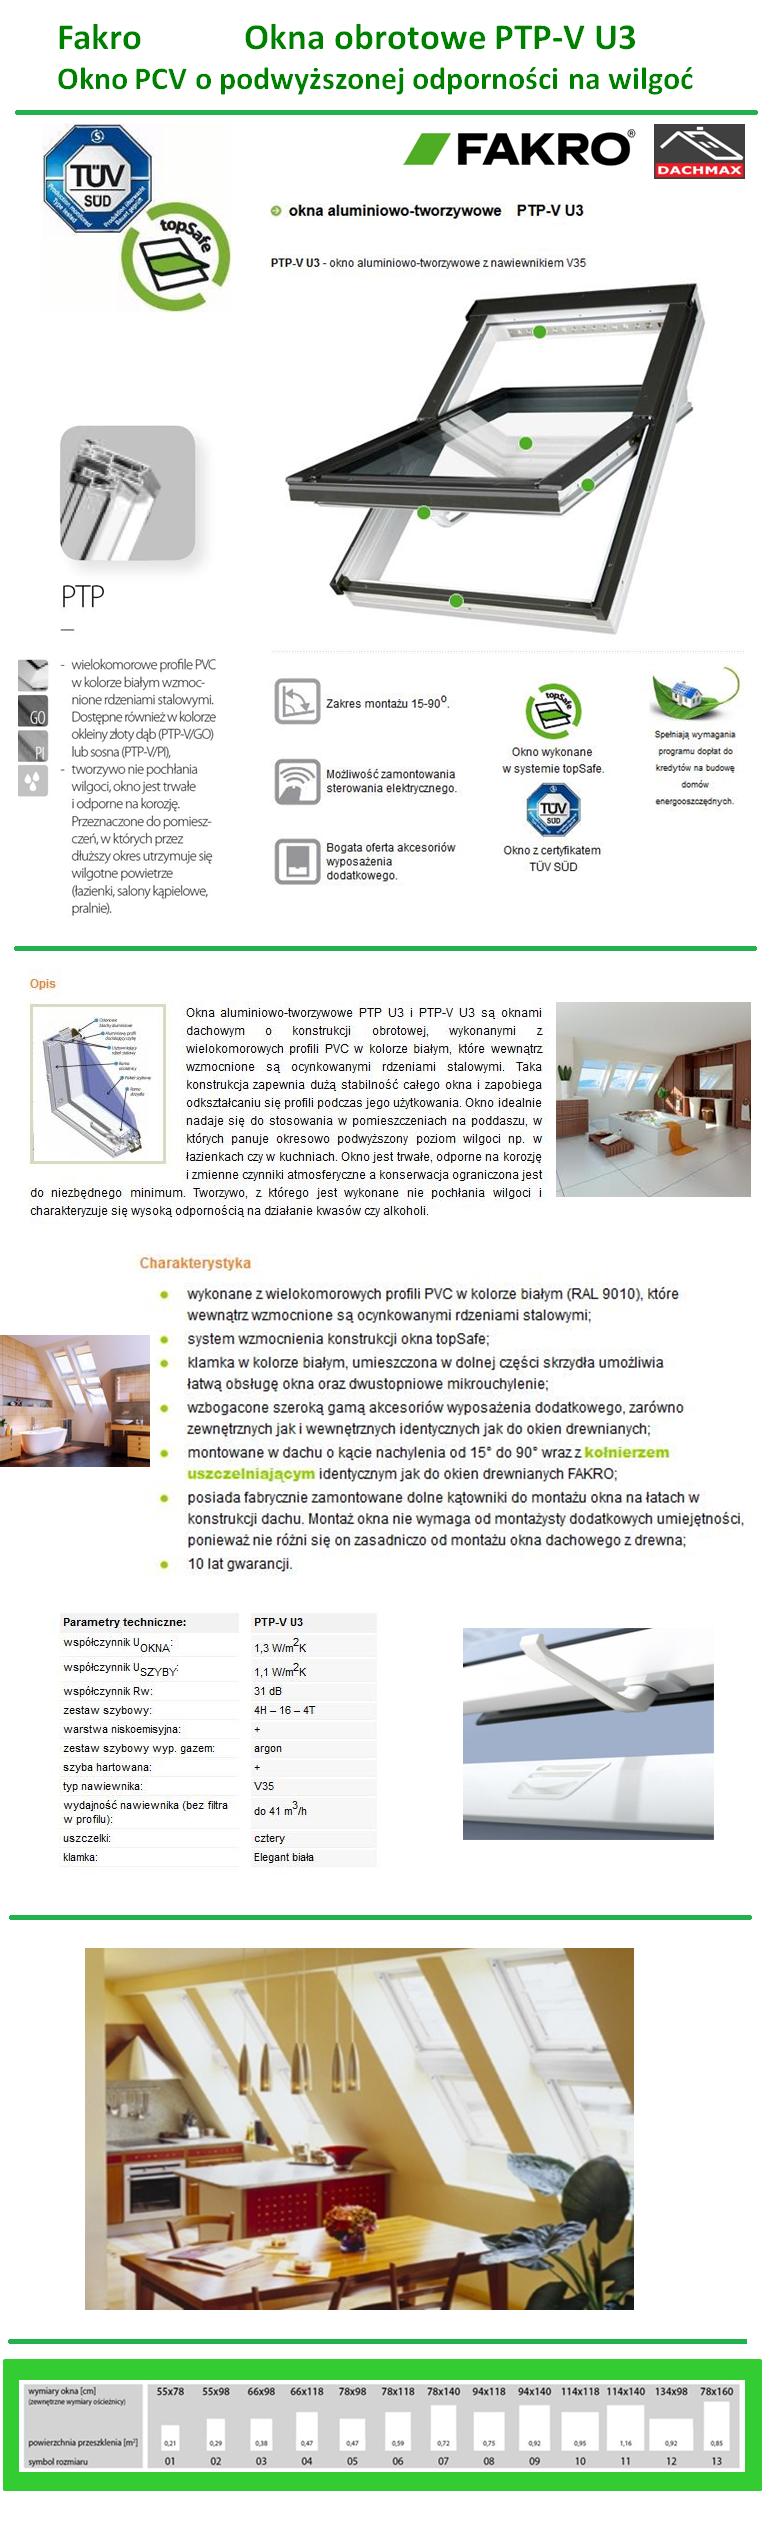 Okno Dachowe Fakro PTP-V U3 PCV Białe Obrotowe O Podwyższonej Odporności na Wilgoć